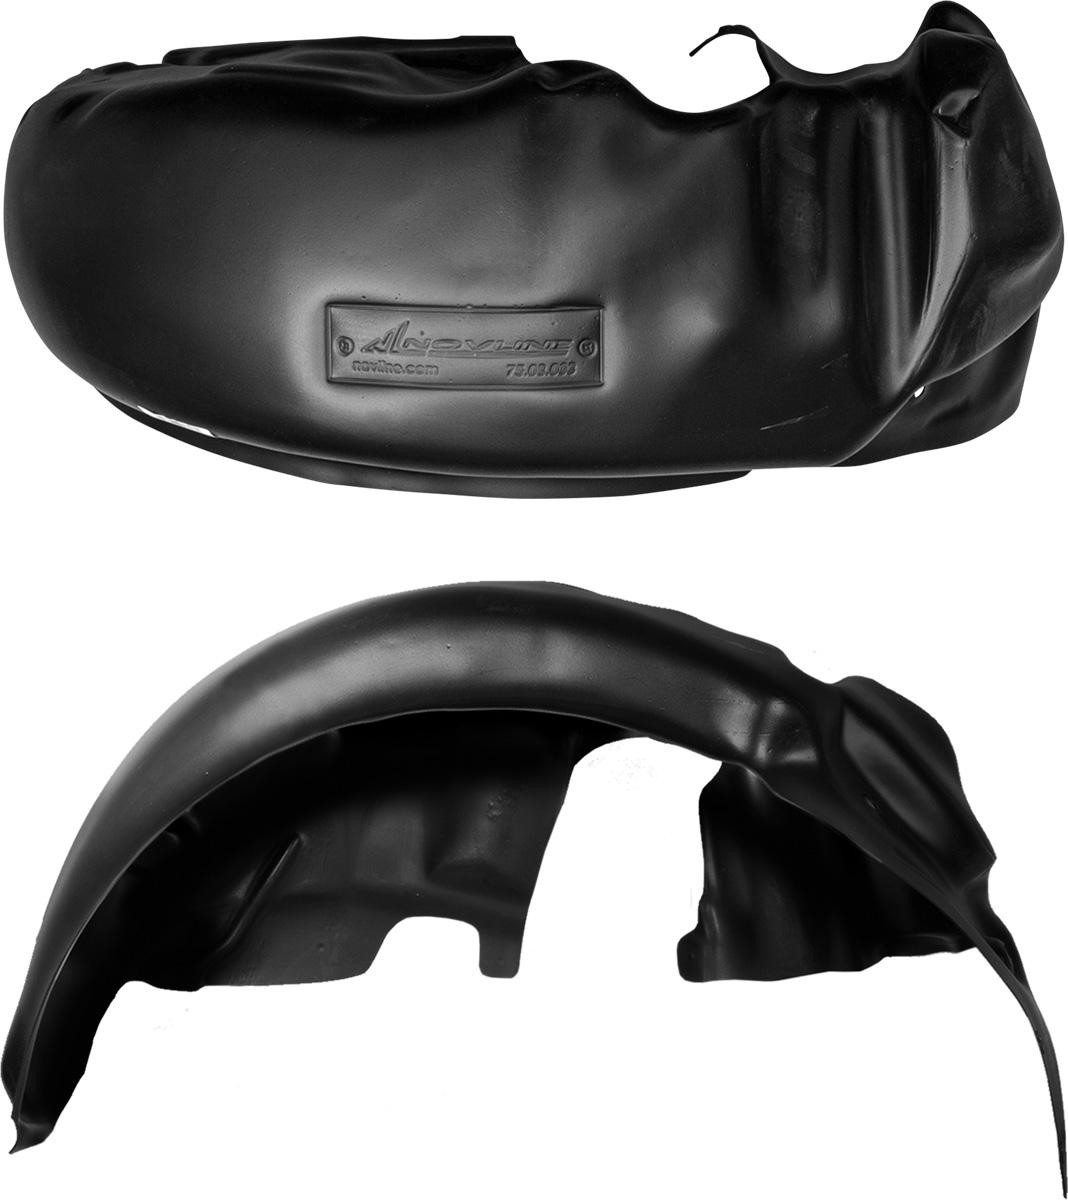 Подкрылок Novline-Autofamily, для КIА Rio седан 04/2015-, задний левыйNLL.25.42.003Колесные ниши - одни из самых уязвимых зон днища вашего автомобиля. Они постоянно подвергаются воздействию со стороны дороги. Лучшая, почти абсолютная защита для них - специально отформованные пластиковые кожухи, которые называются подкрылками. Производятся они как для отечественных моделей автомобилей, так и для иномарок. Подкрылки Novline-Autofamily выполнены из высококачественного, экологически чистого пластика. Обеспечивают надежную защиту кузова автомобиля от пескоструйного эффекта и негативного влияния, агрессивных антигололедных реагентов. Пластик обладает более низкой теплопроводностью, чем металл, поэтому в зимний период эксплуатации использование пластиковых подкрылков позволяет лучше защитить колесные ниши от налипания снега и образования наледи. Оригинальность конструкции подчеркивает элегантность автомобиля, бережно защищает нанесенное на днище кузова антикоррозийное покрытие и позволяет осуществить крепление подкрылков внутри колесной арки практически без дополнительного крепежа и сверления, не нарушая при этом лакокрасочного покрытия, что предотвращает возникновение новых очагов коррозии. Подкрылки долговечны, обладают высокой прочностью и сохраняют заданную форму, а также все свои физико-механические характеристики в самых тяжелых климатических условиях (от -50°С до +50°С).Уважаемые клиенты!Обращаем ваше внимание, на тот факт, что подкрылок имеет форму, соответствующую модели данного автомобиля. Фото служит для визуального восприятия товара.